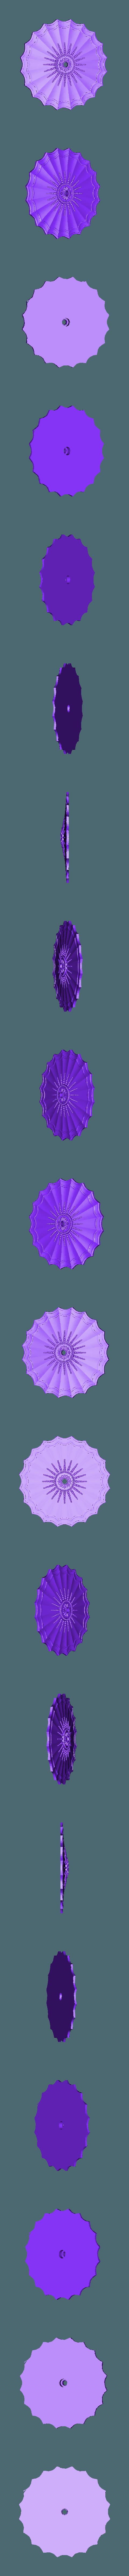 55.obj Télécharger fichier OBJ gratuit Moulures vintage pour vieux appartements classiques cnc art machine à router 3D printed • Modèle à imprimer en 3D, 3DPrinterFiles